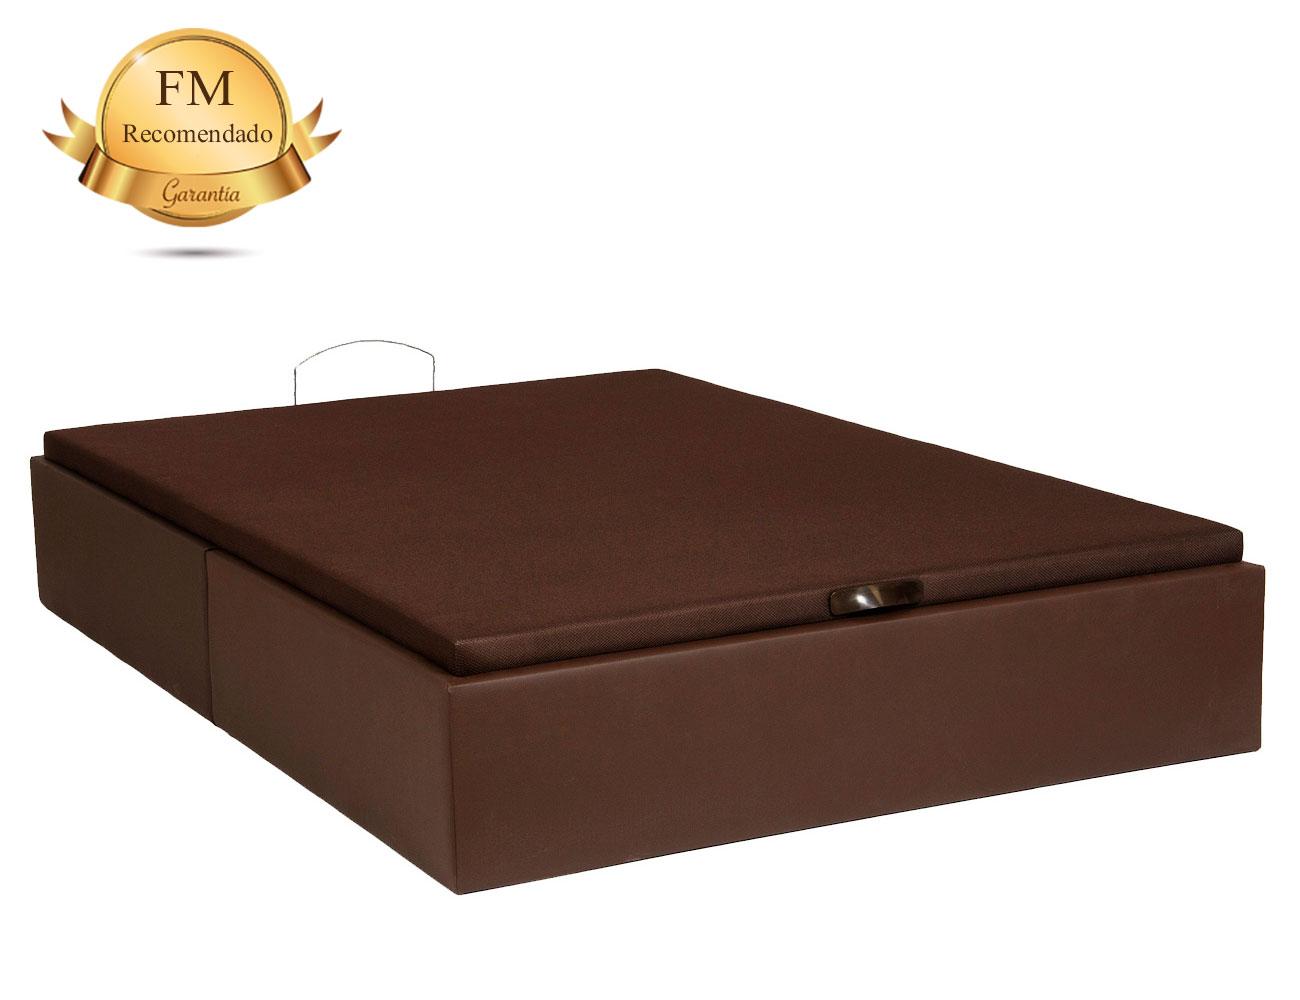 Canap tapizado polipiel con esquinas rectas con tapa for Canape 90x180